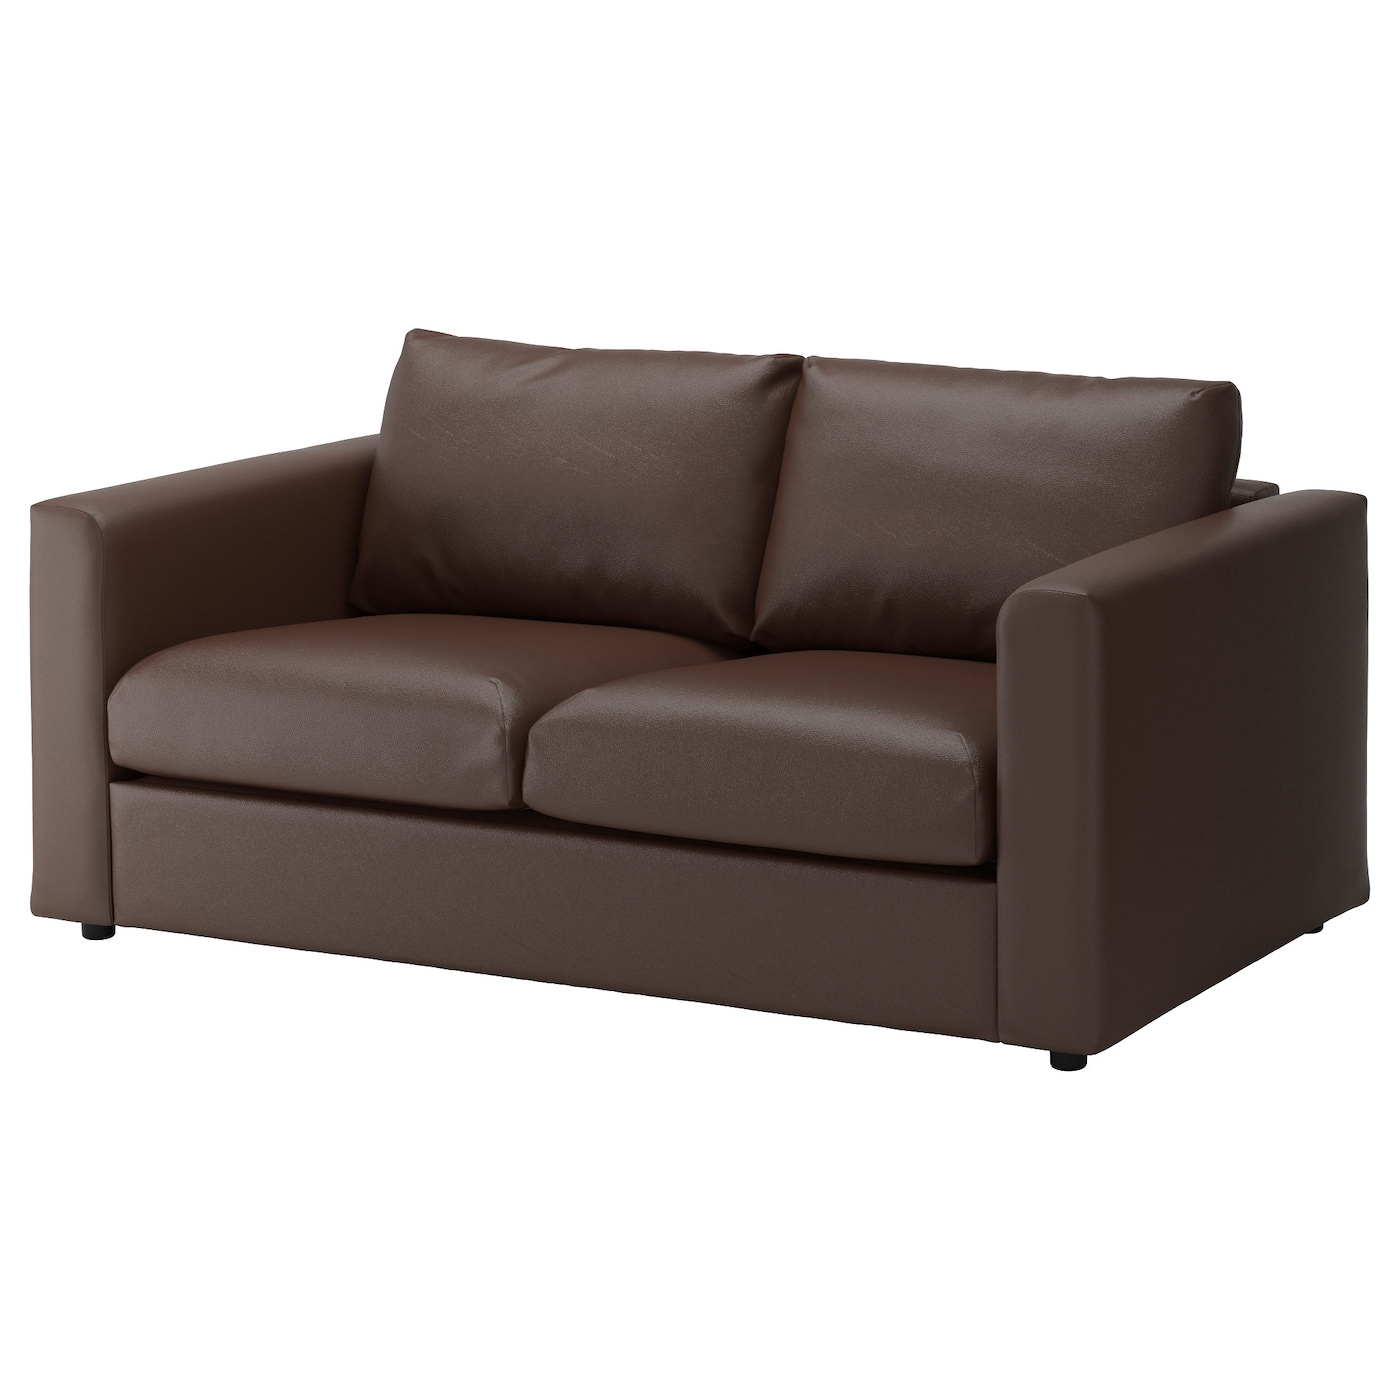 IKEA VIMLE ciemnobrązowa sofa dwuosobowa